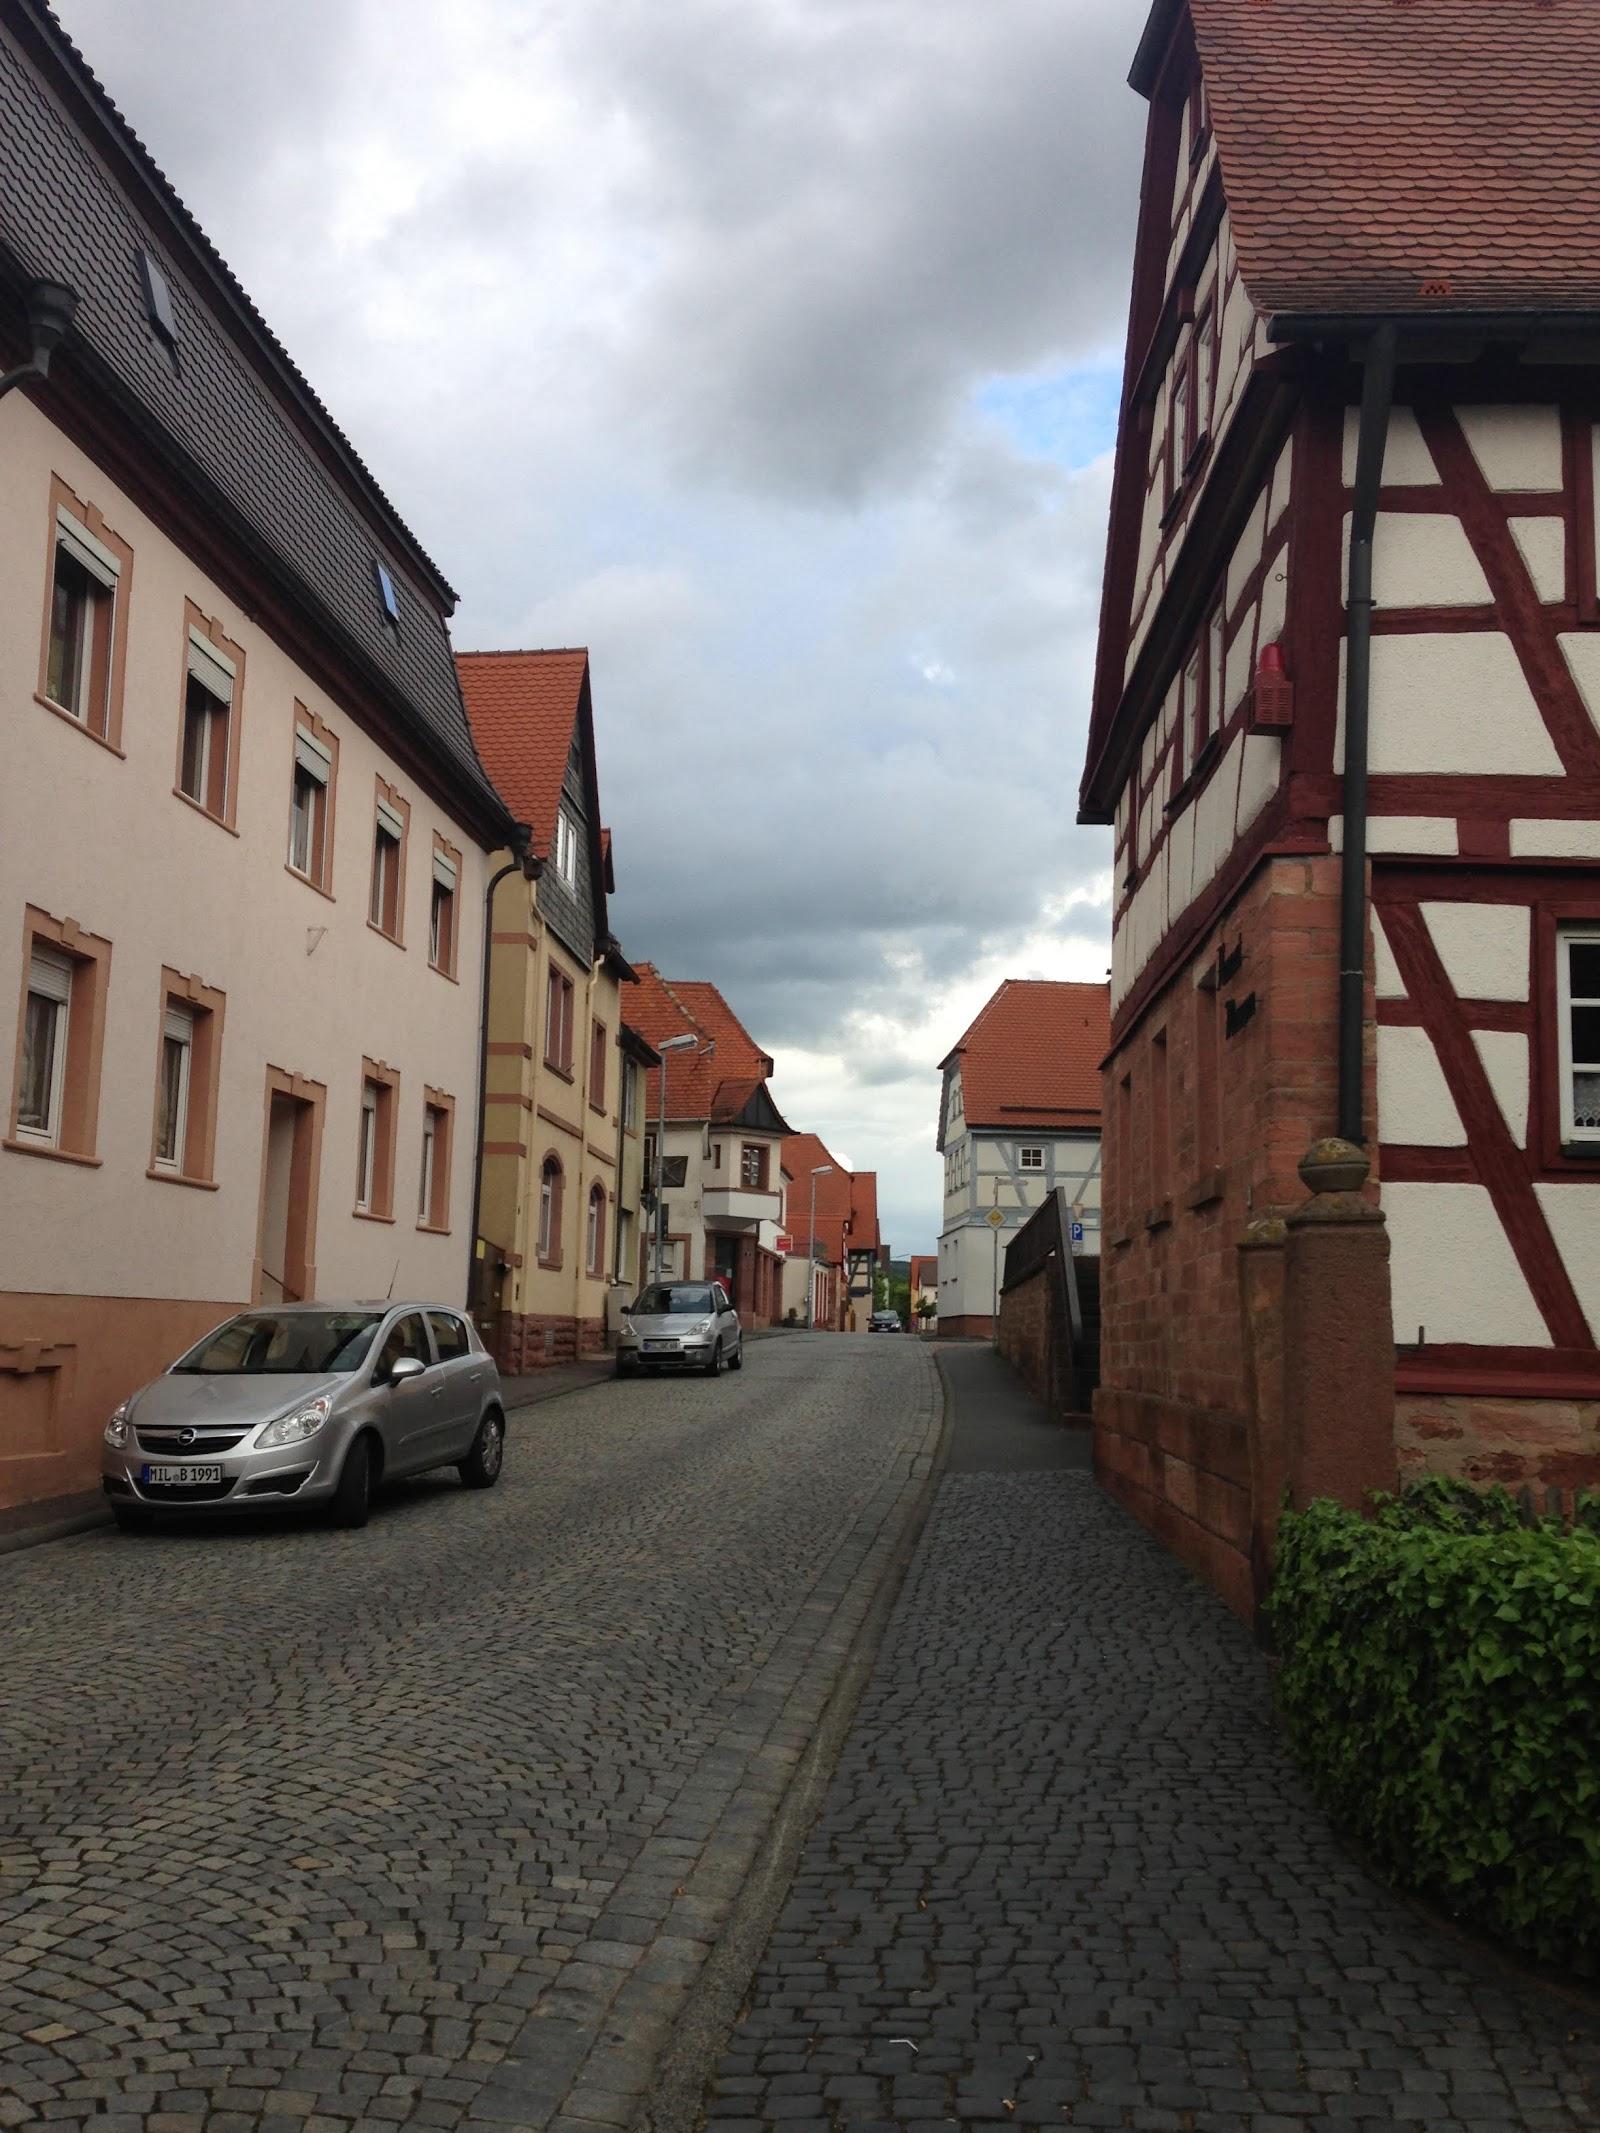 more of Elsenfeld